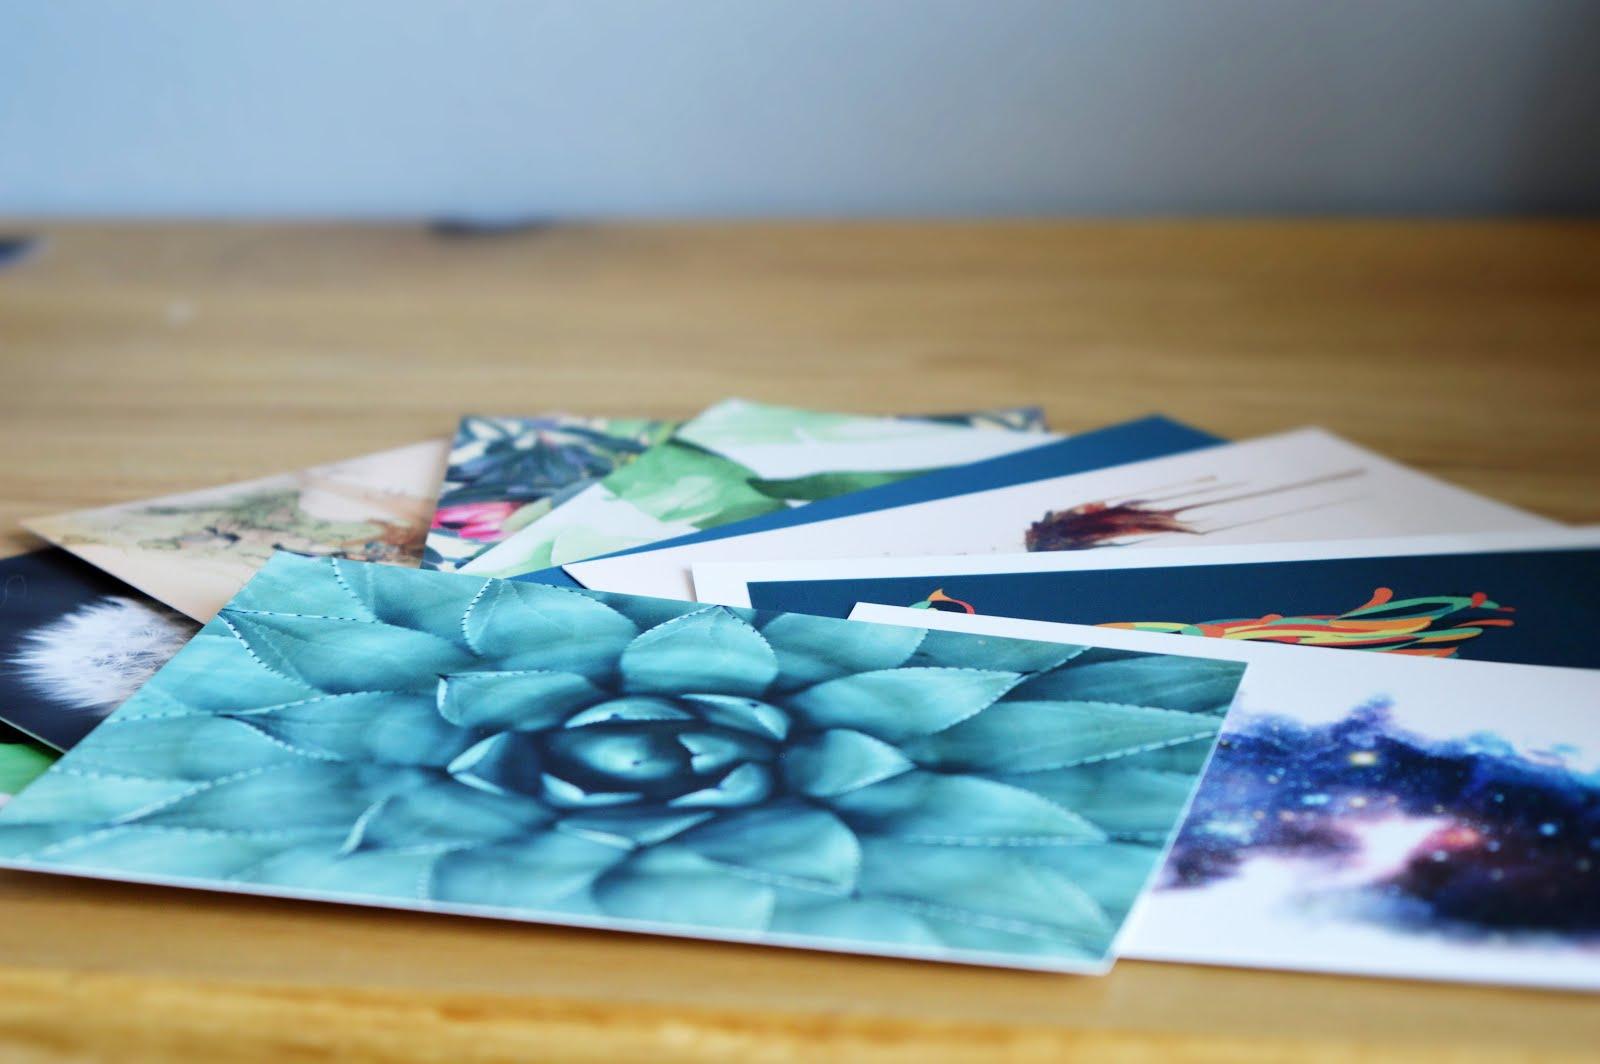 En Cherchant Un Site O Imprimer Mes Cartes De Visite Je Suis Tombe Sur Moo Pour Les Ils Proposent Beaux Effets Textures Ainsi